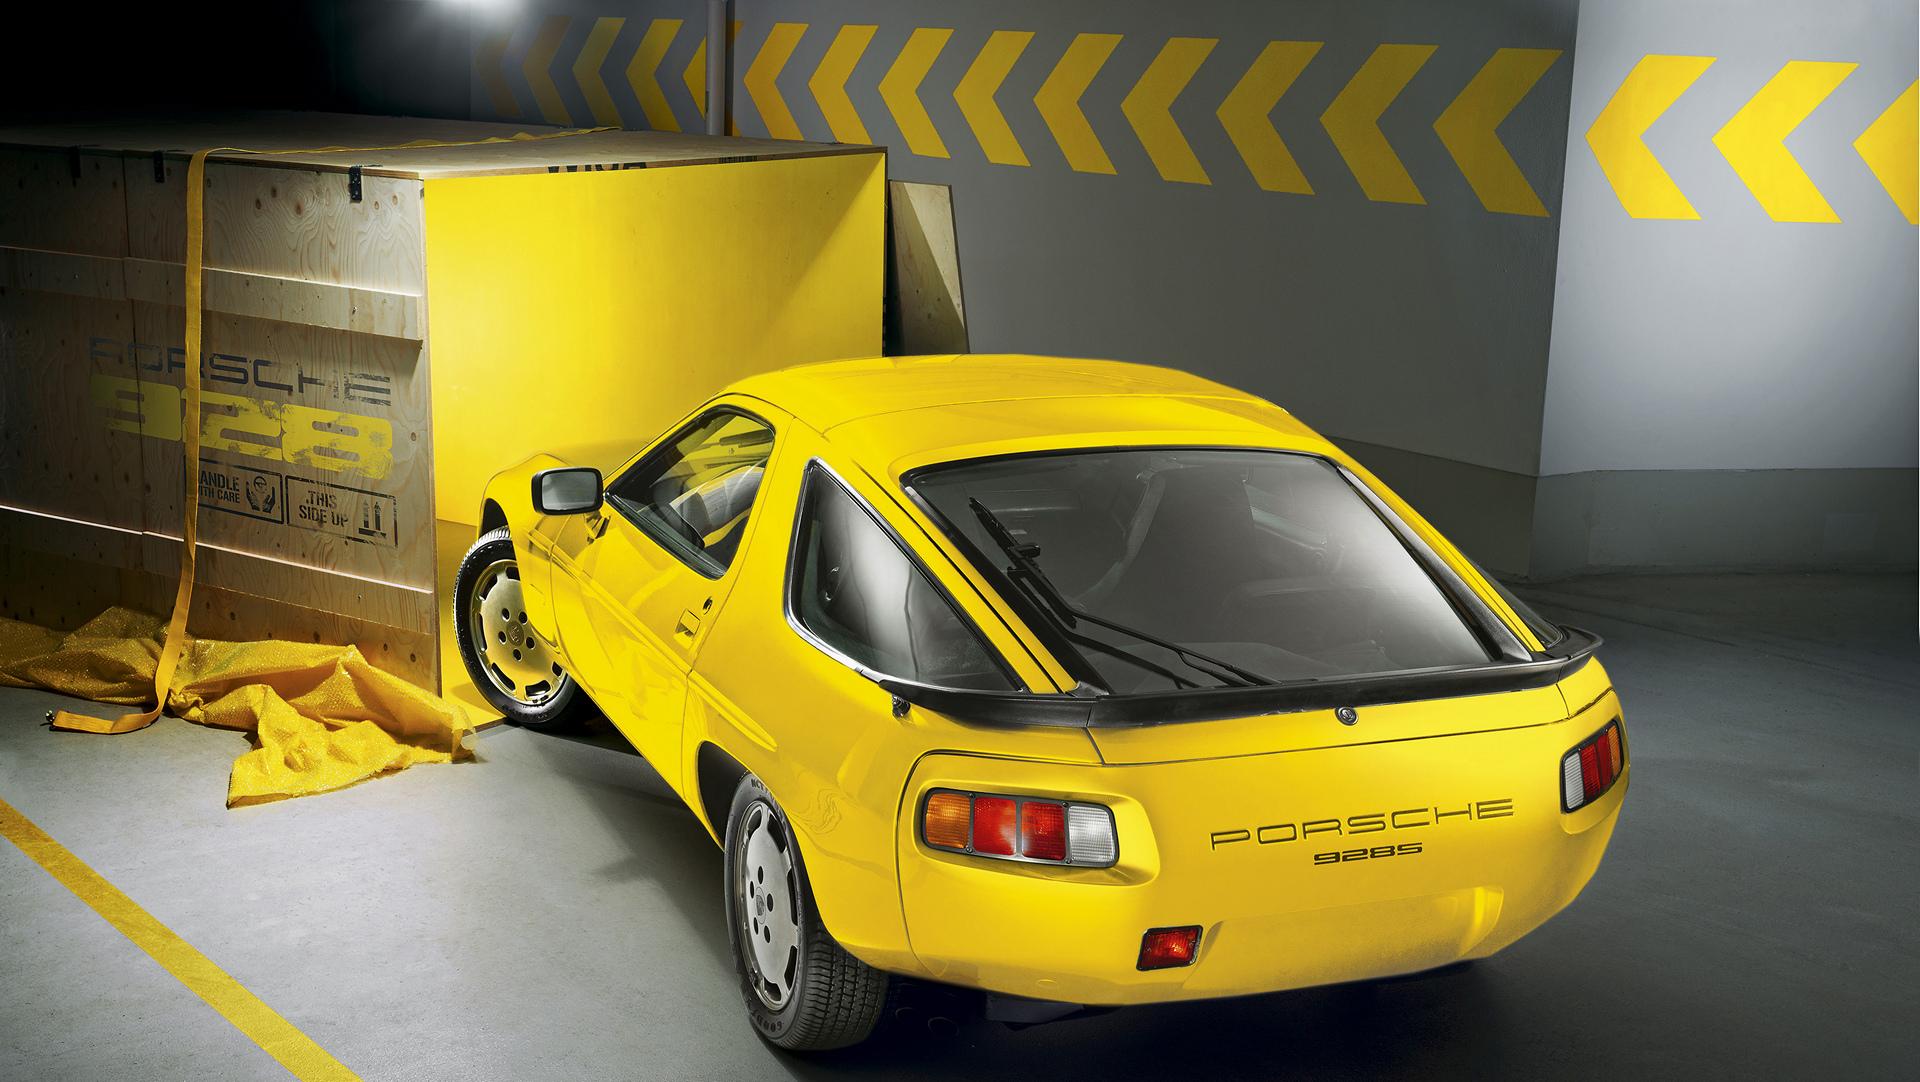 Porsche 928S © Dr. Ing. h.c. F. Porsche AG